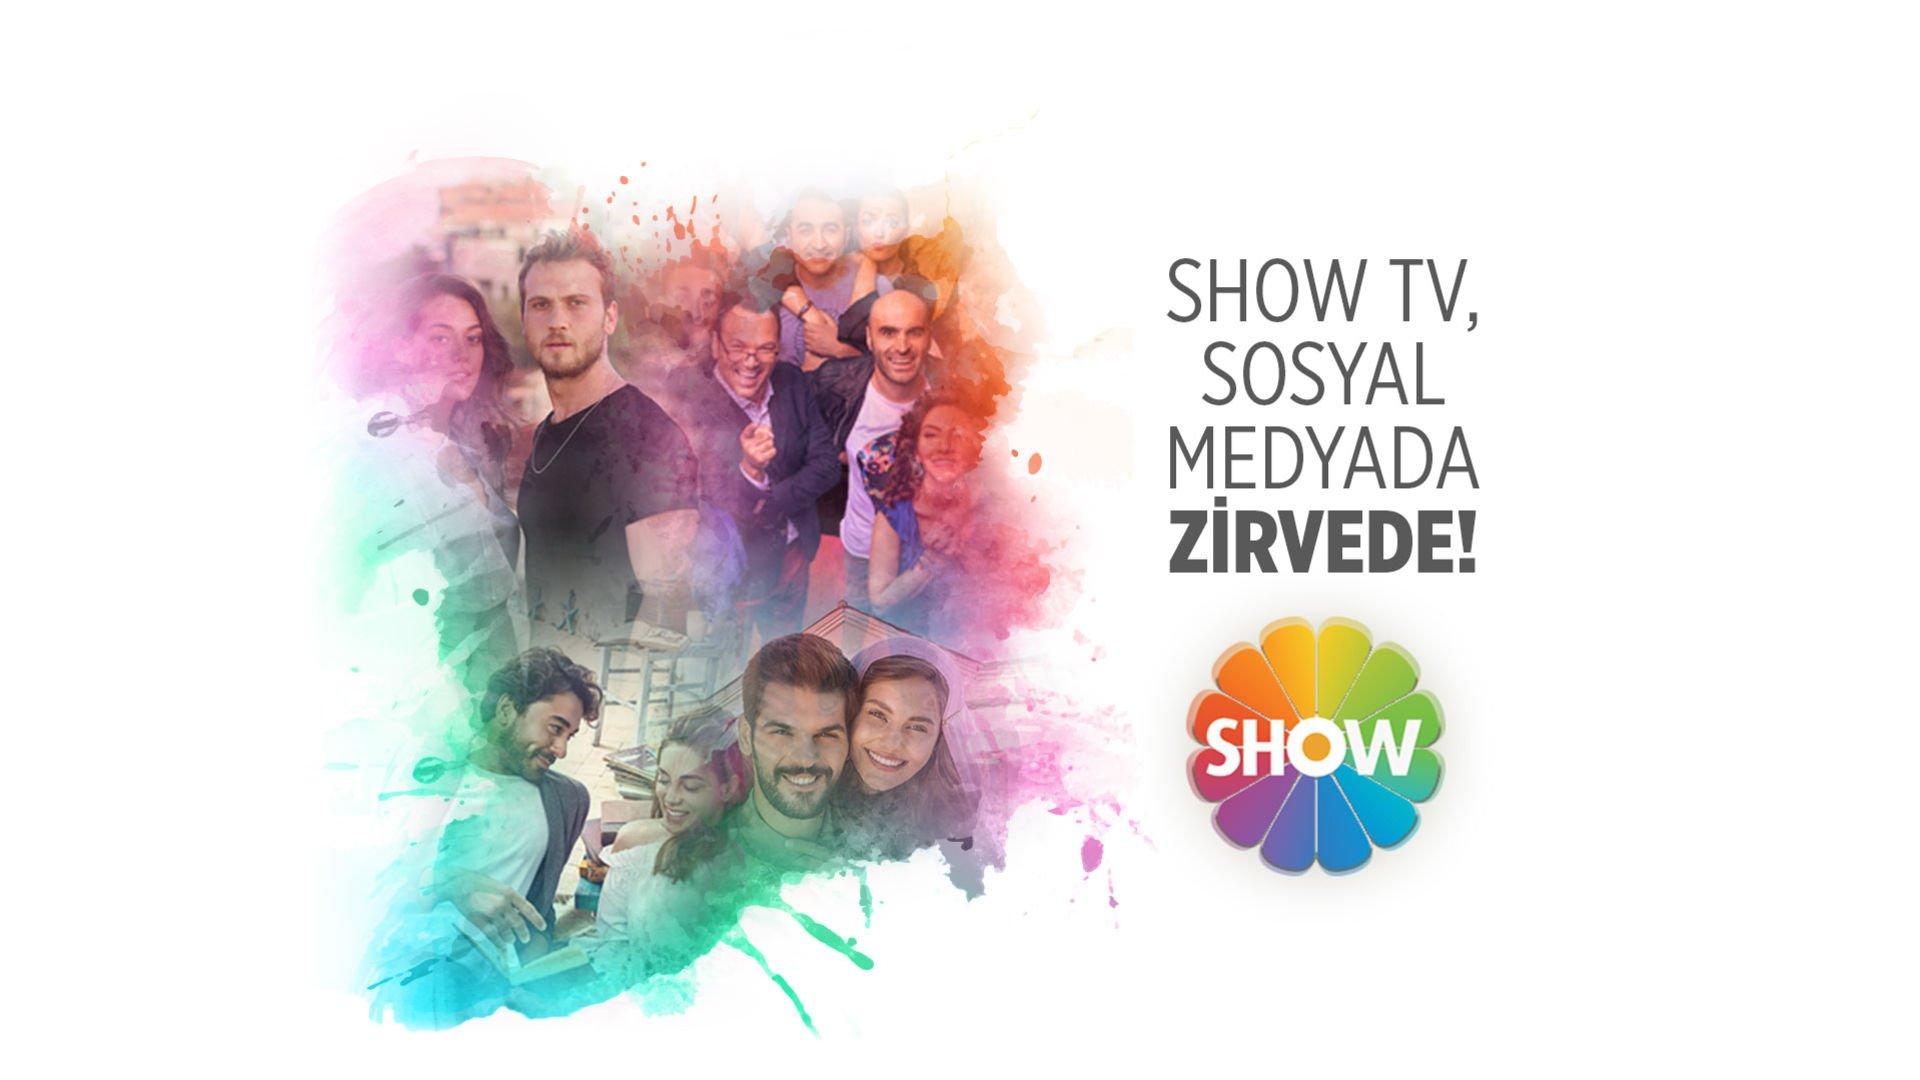 Show TV sosyal medyanın birincisi!